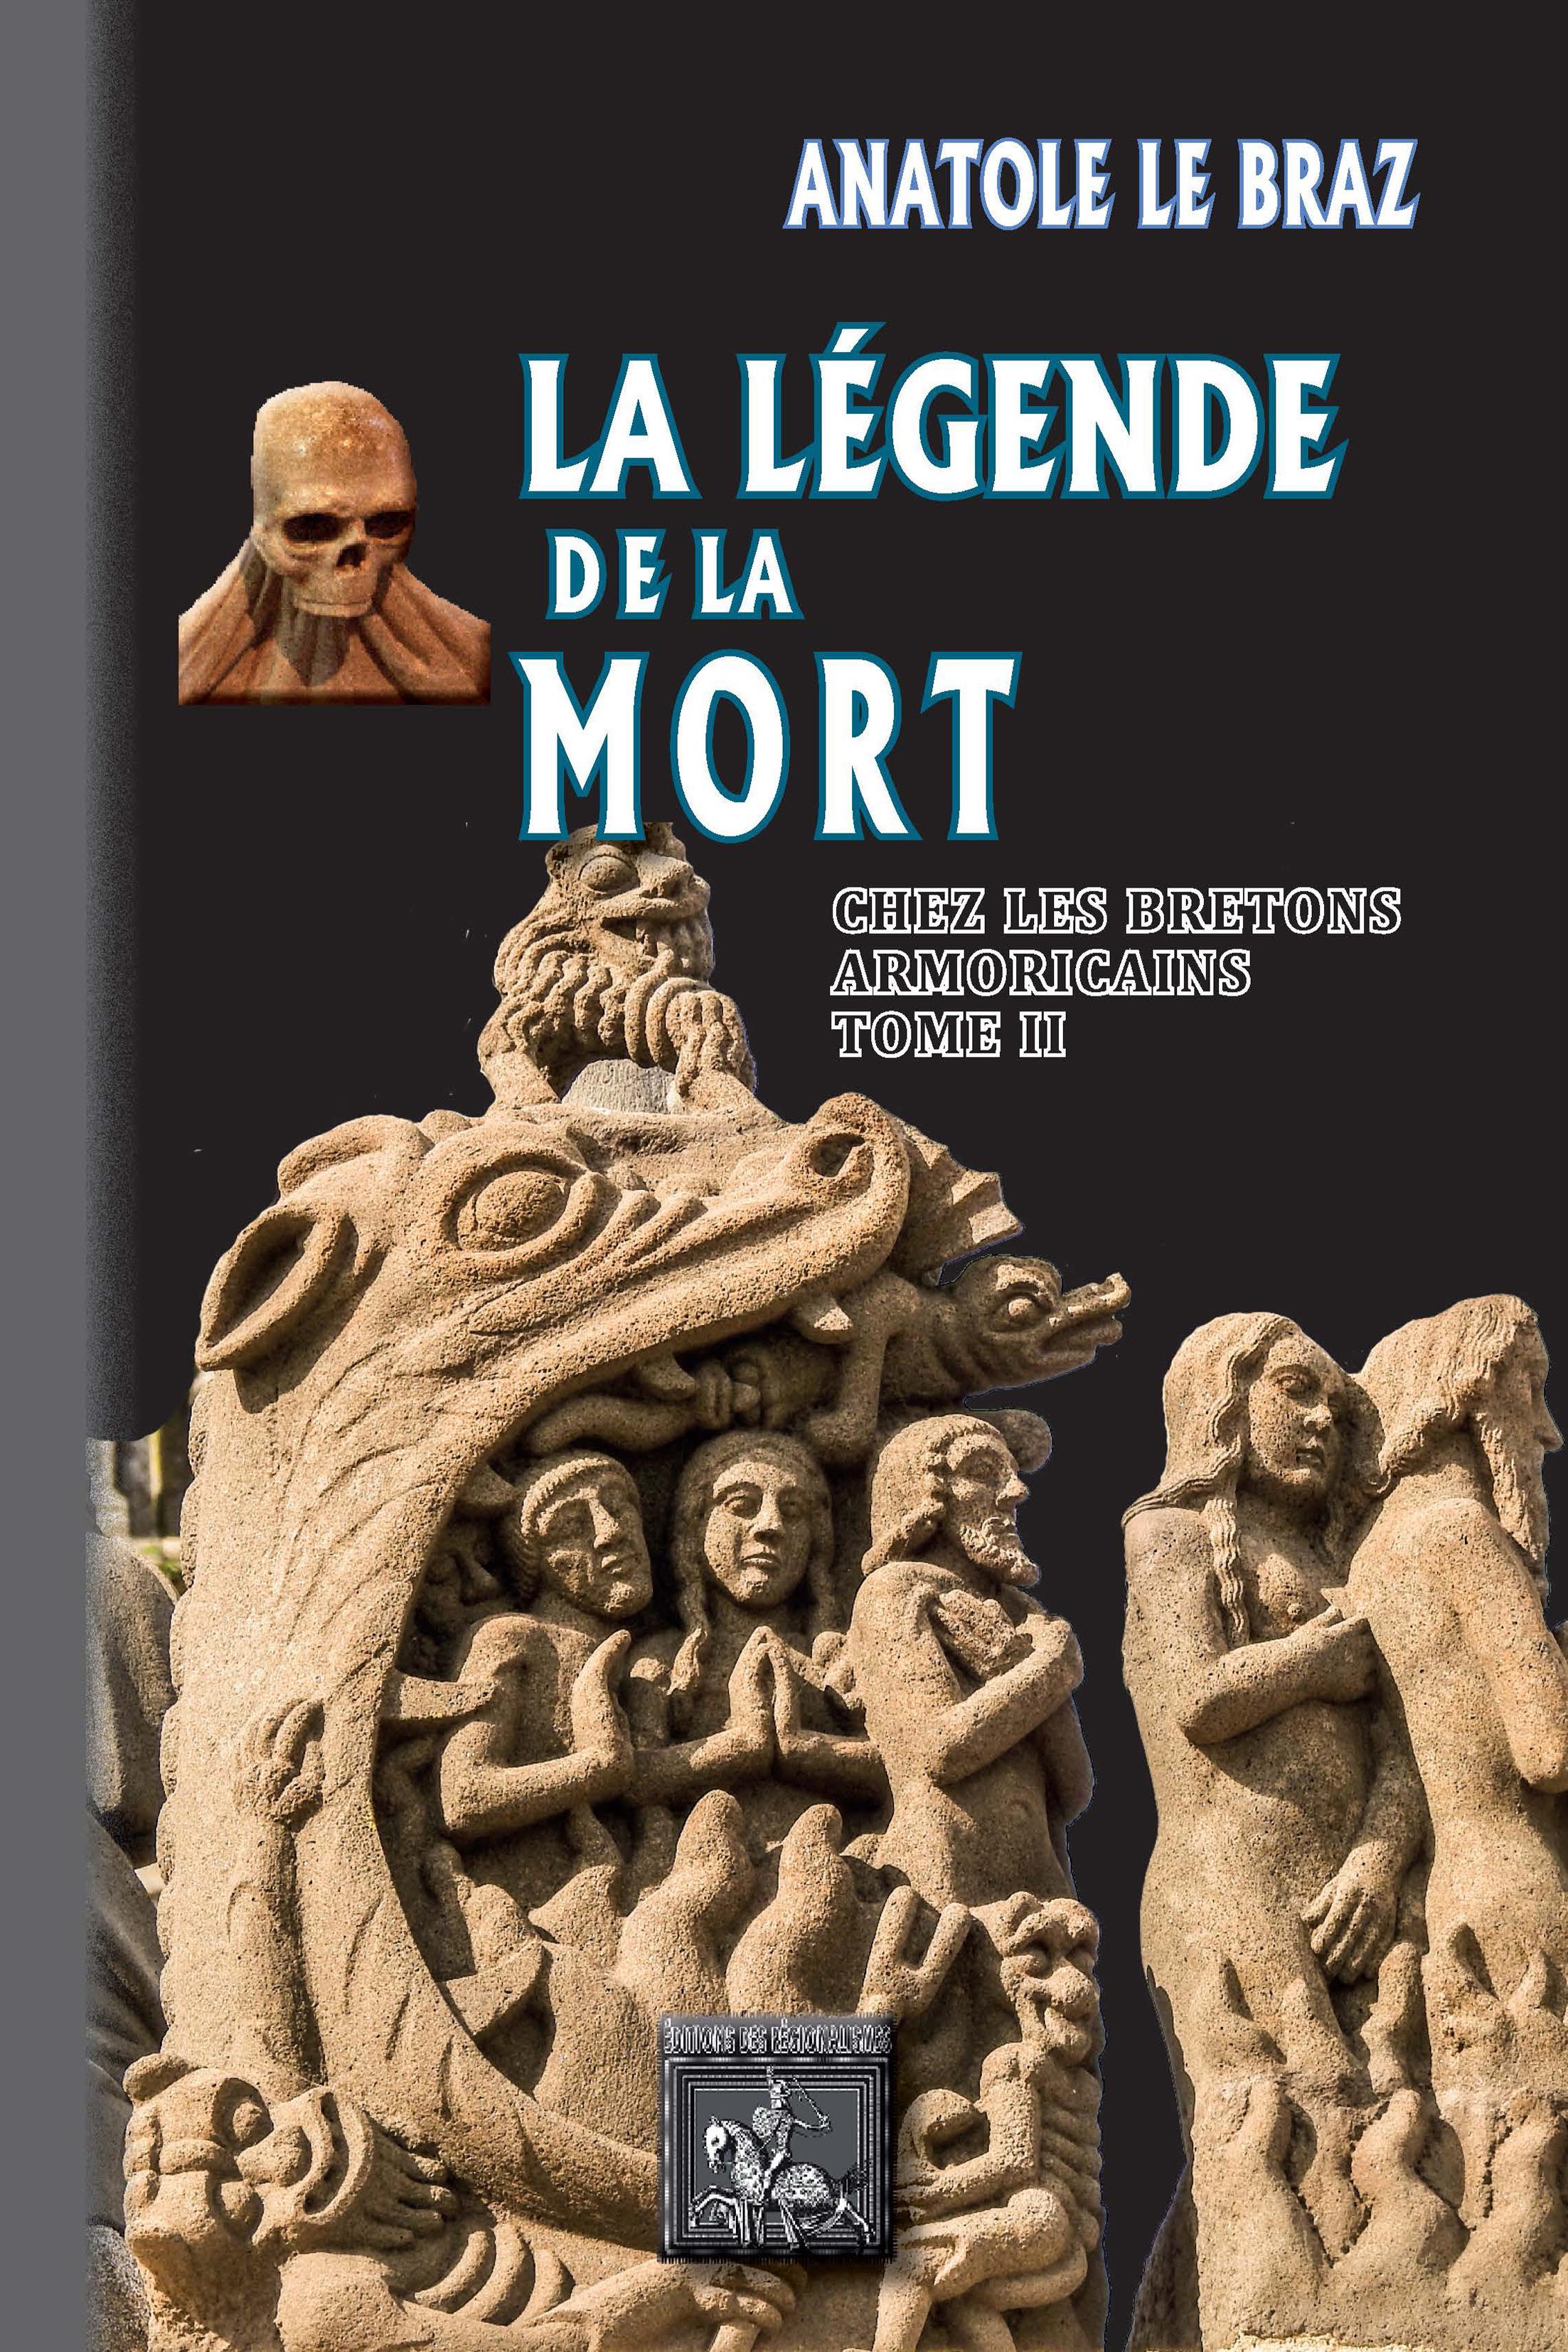 La légende de la mort chez les bretons armoricains t.2